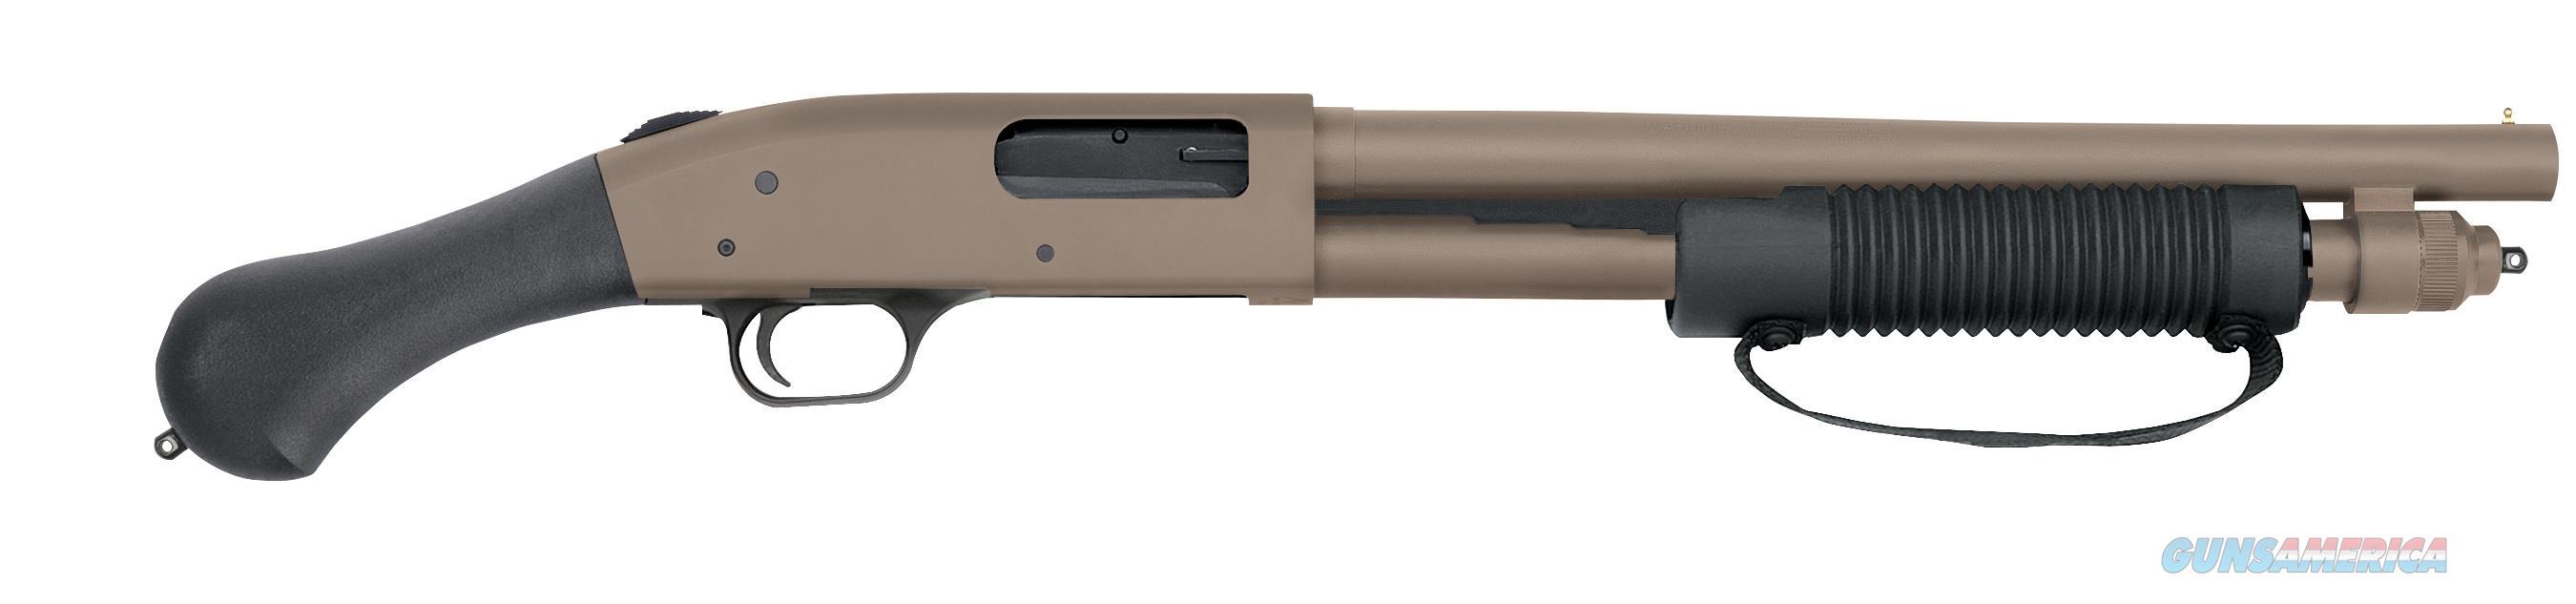 """Mossberg 590 Shockwave 14"""" FDE 12 Gauge NOT AOW 50653   Guns > Shotguns > Mossberg Shotguns > Pump > Tactical"""